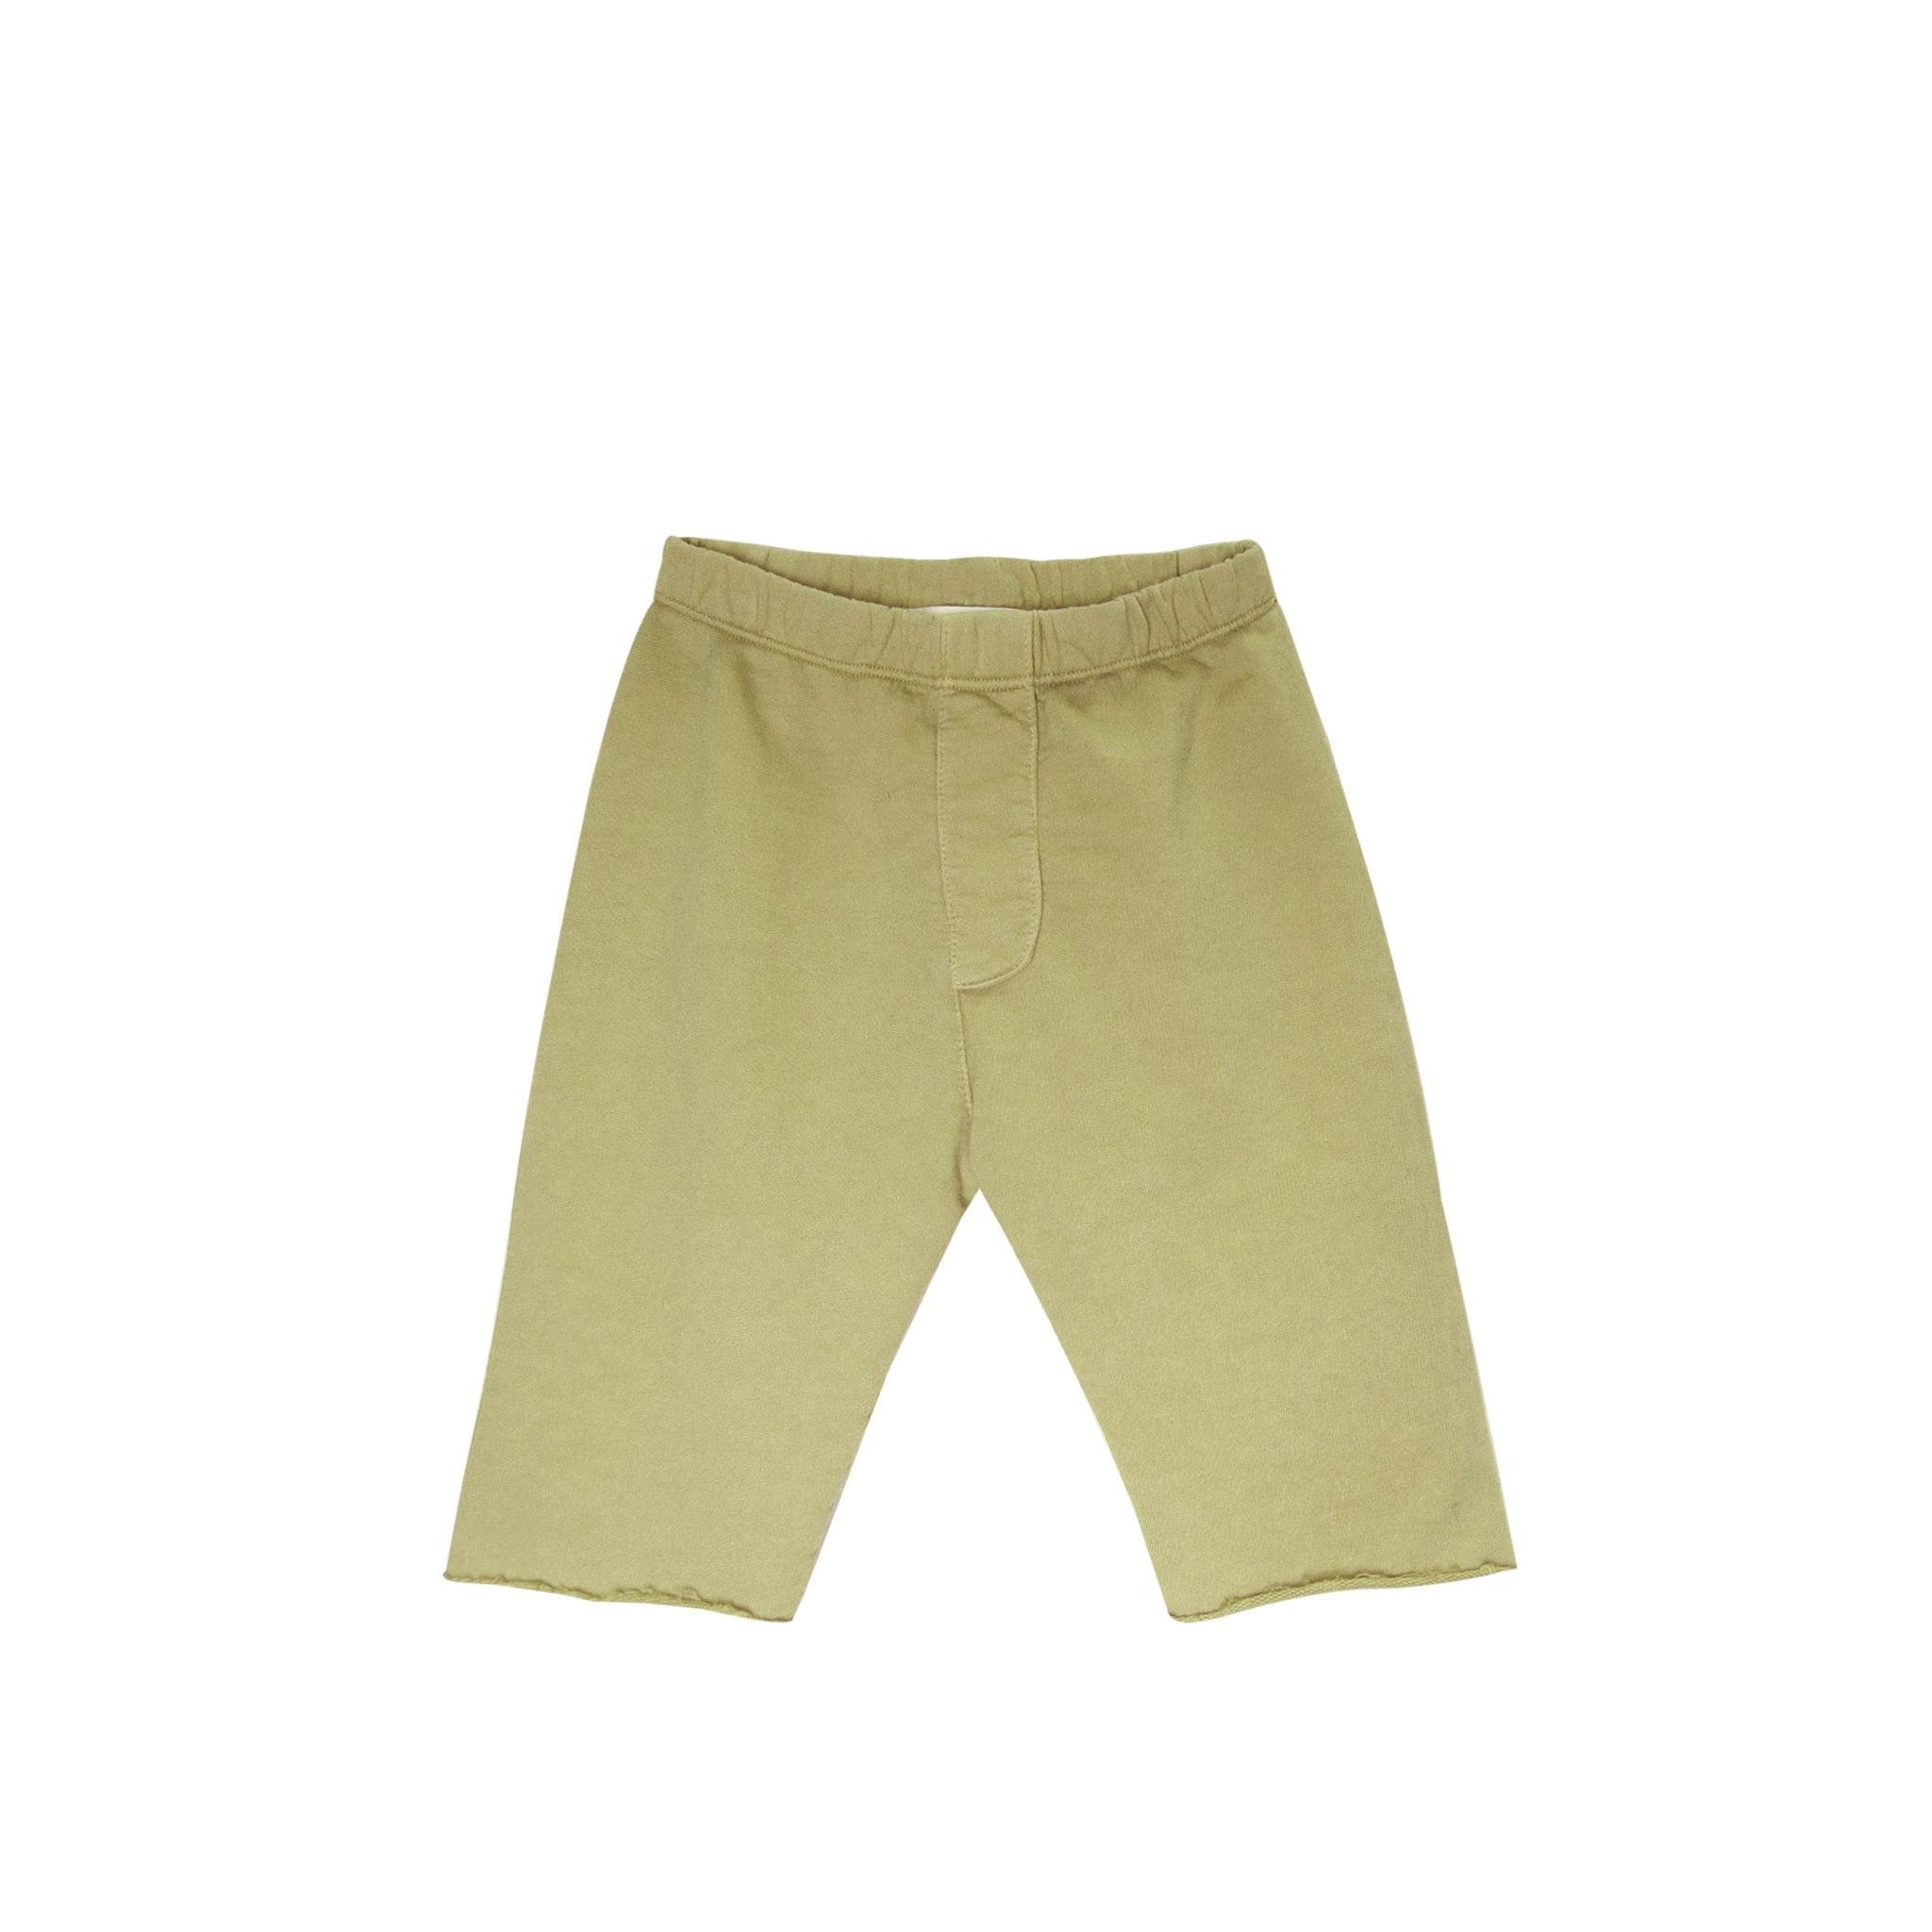 GOGENTLYNATION Trouser Baby Short